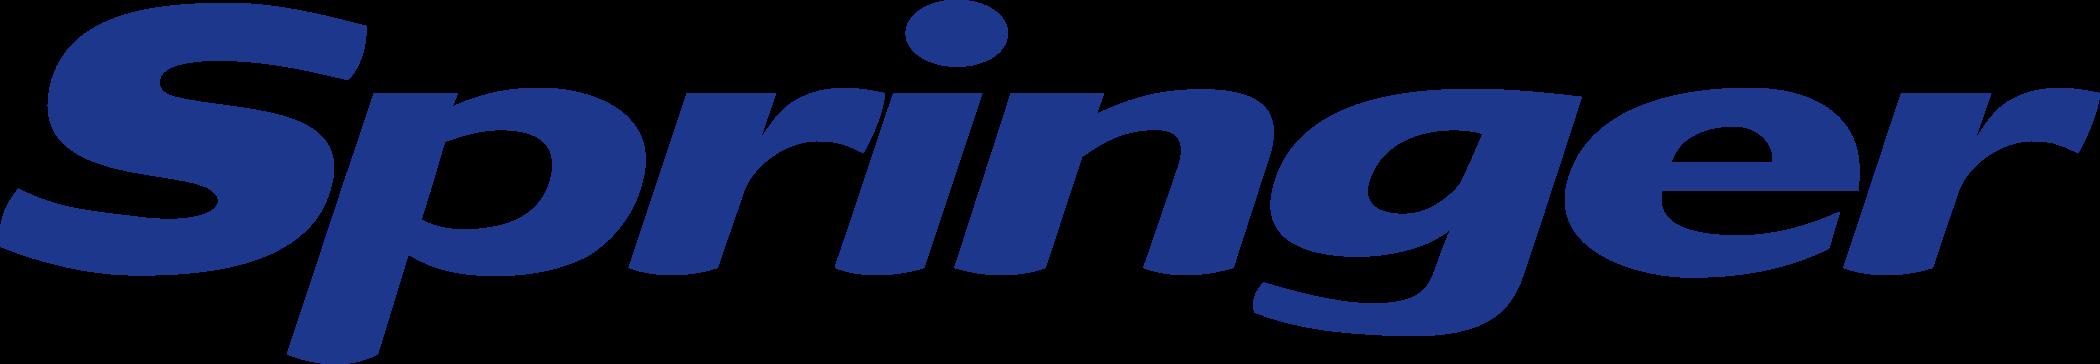 springer logo 4 - Springer Logo